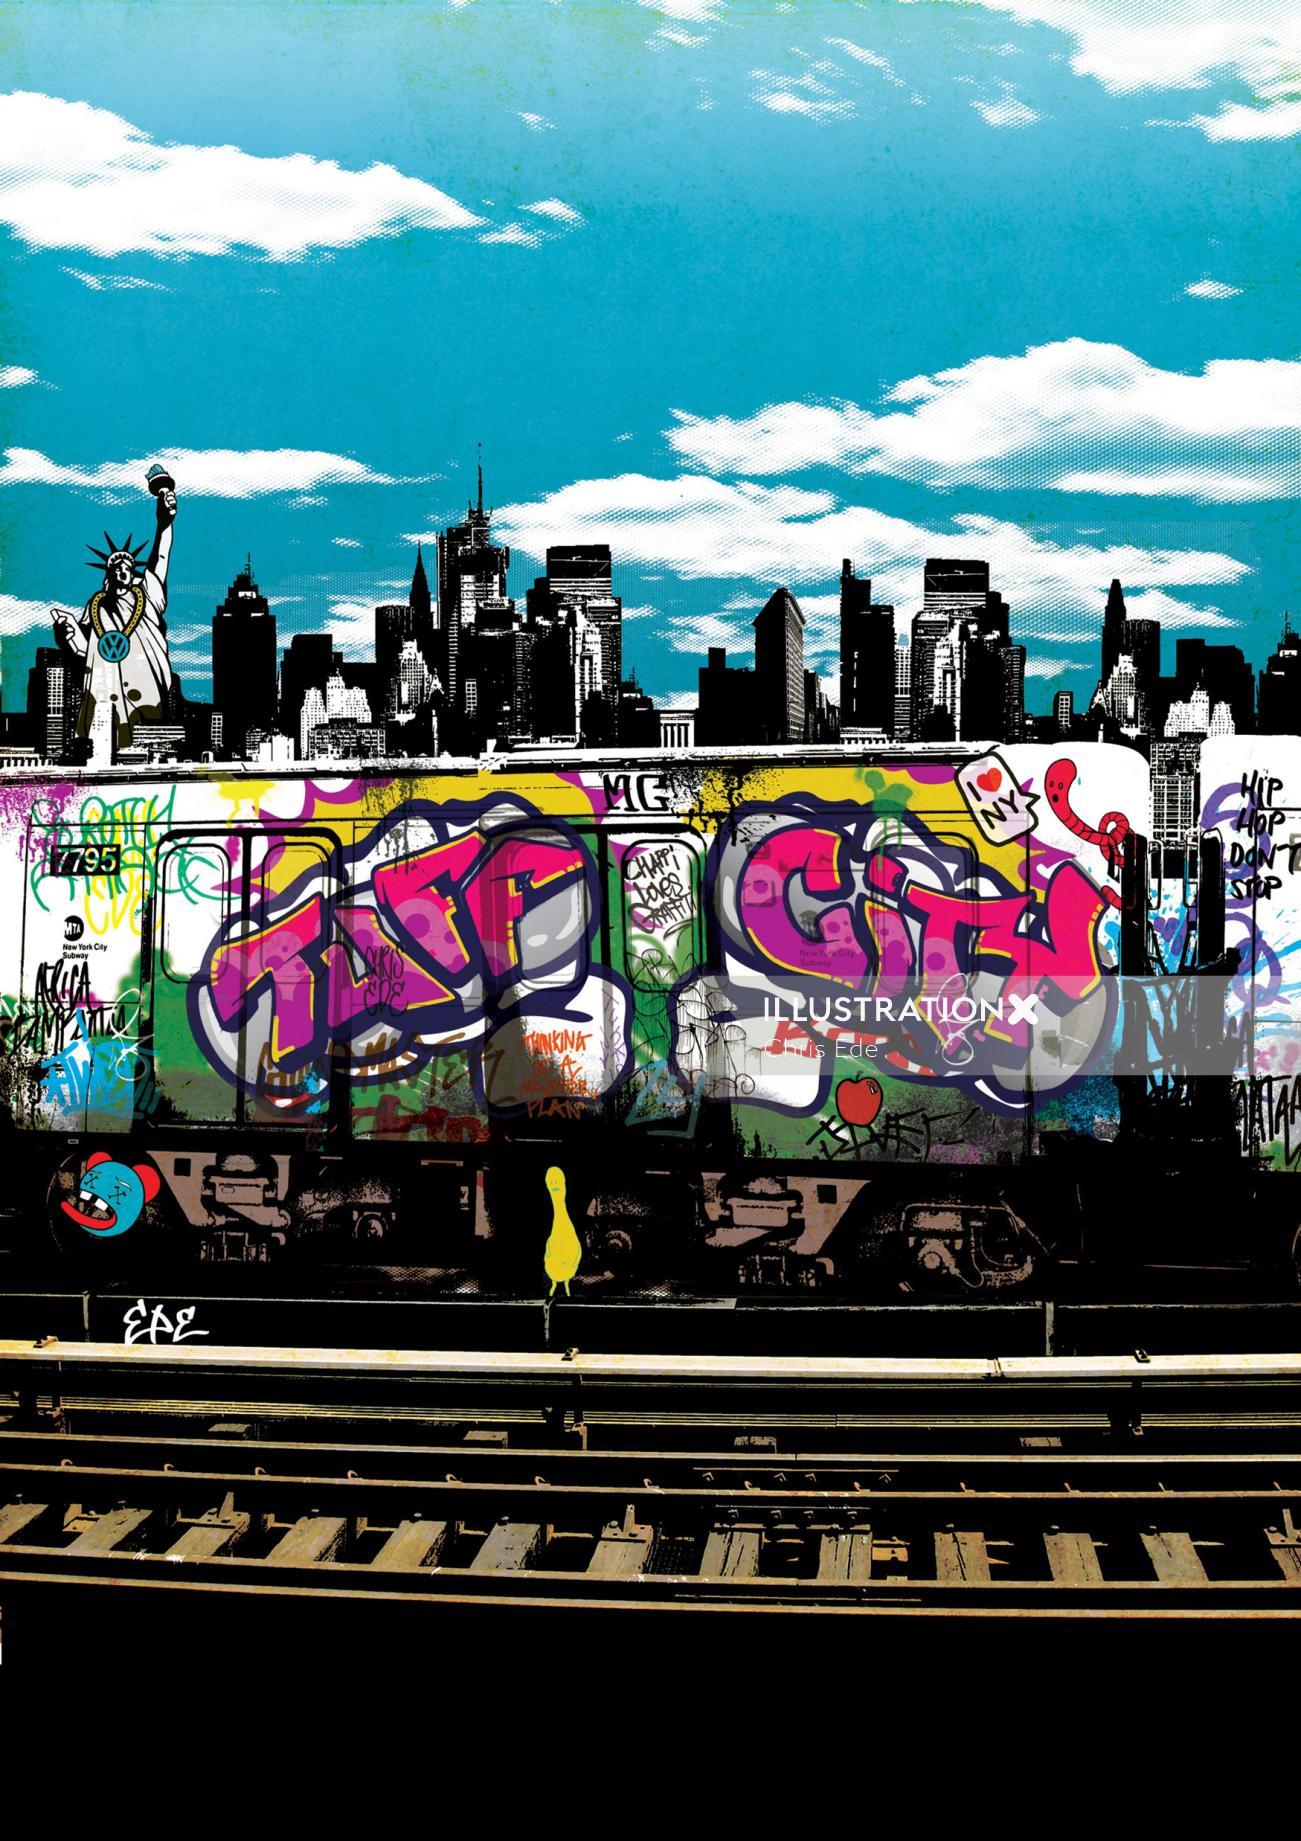 Music album graffiti illustration